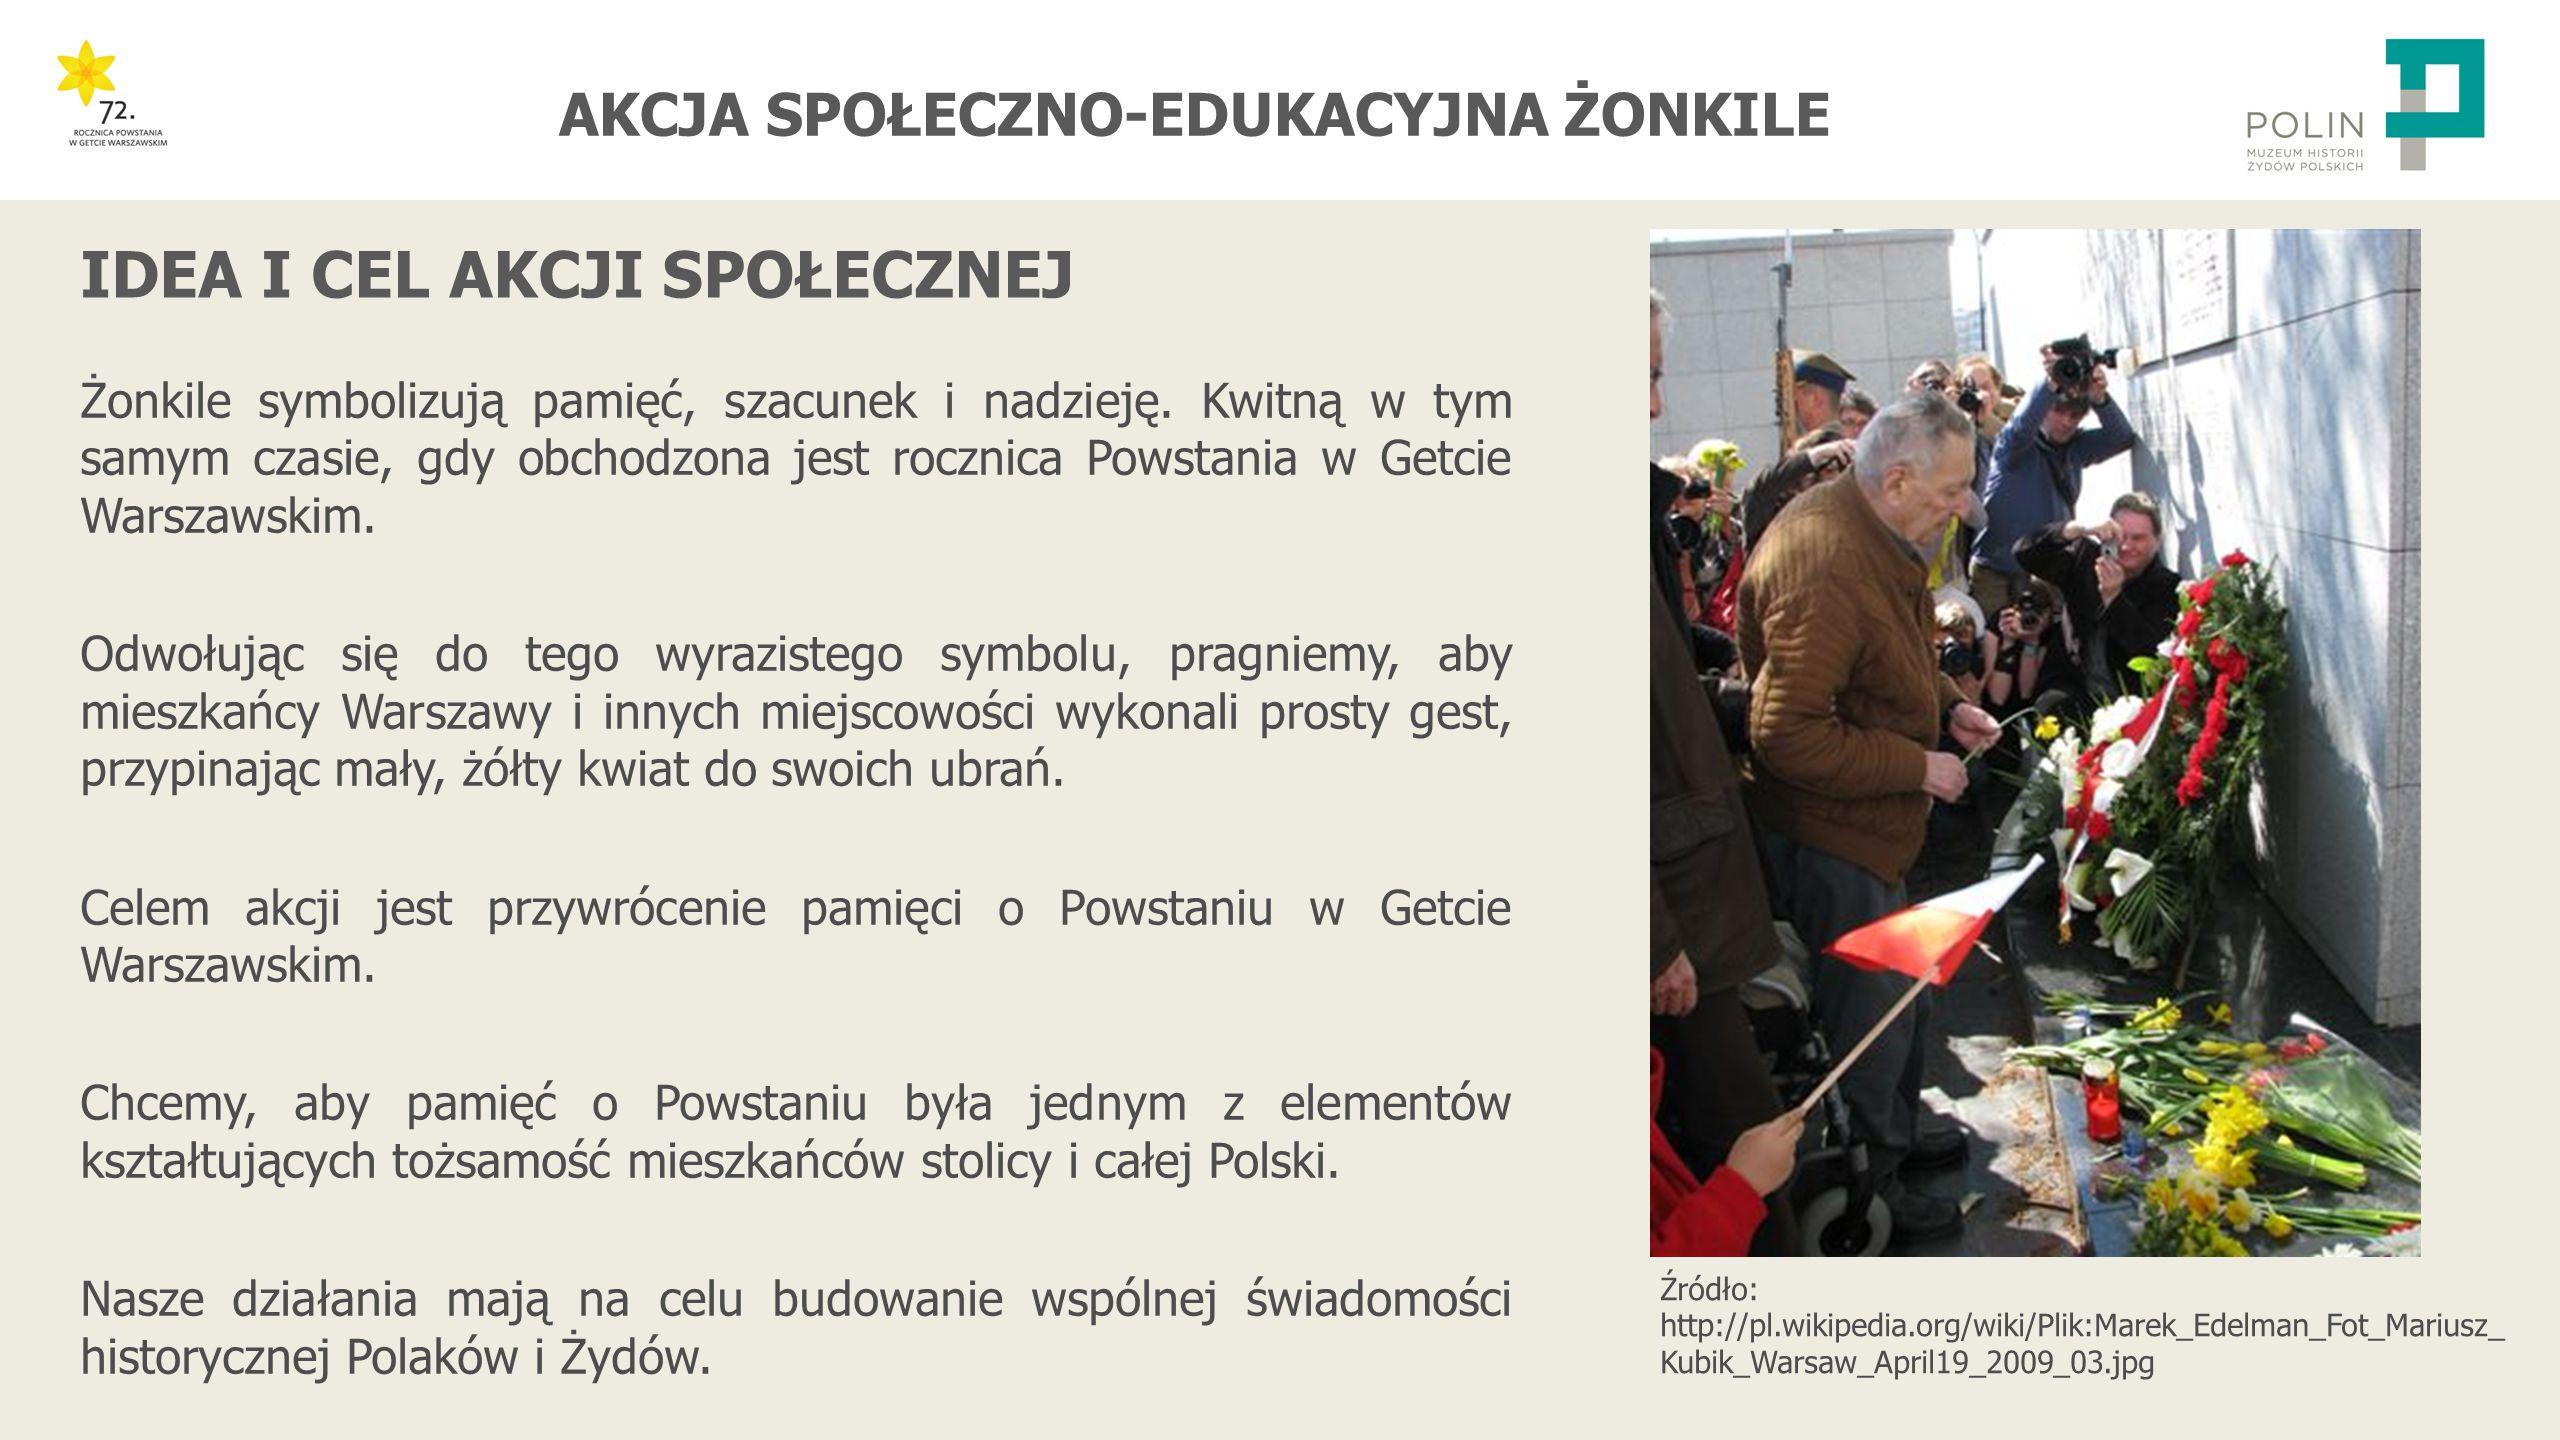 """AKCJA SPOŁECZNO-EDUKACYJNA ŻONKILE -Przygotowanie papierowych żonkili z szablonów -Przeprowadzenie lekcji """"Dymy nad gettem - Polacy wobec walki Żydów w getcie warszawskim -Rozdawanie żonkili w obszarze swojej szkoły -Rozdawanie żonkili w swojej miejscowości i przekazywanie informacji o rocznicy Powstania -Inne działania, których celem jest rozpowszechnianie wiedzy o Zagładzie, upamiętnienie wydarzeń związanych z Holokaustem oraz propagowanie postaw szacunku, otwartości i tolerancji PROPONOWANE DZIAŁANIA W RAMACH AKCJI"""